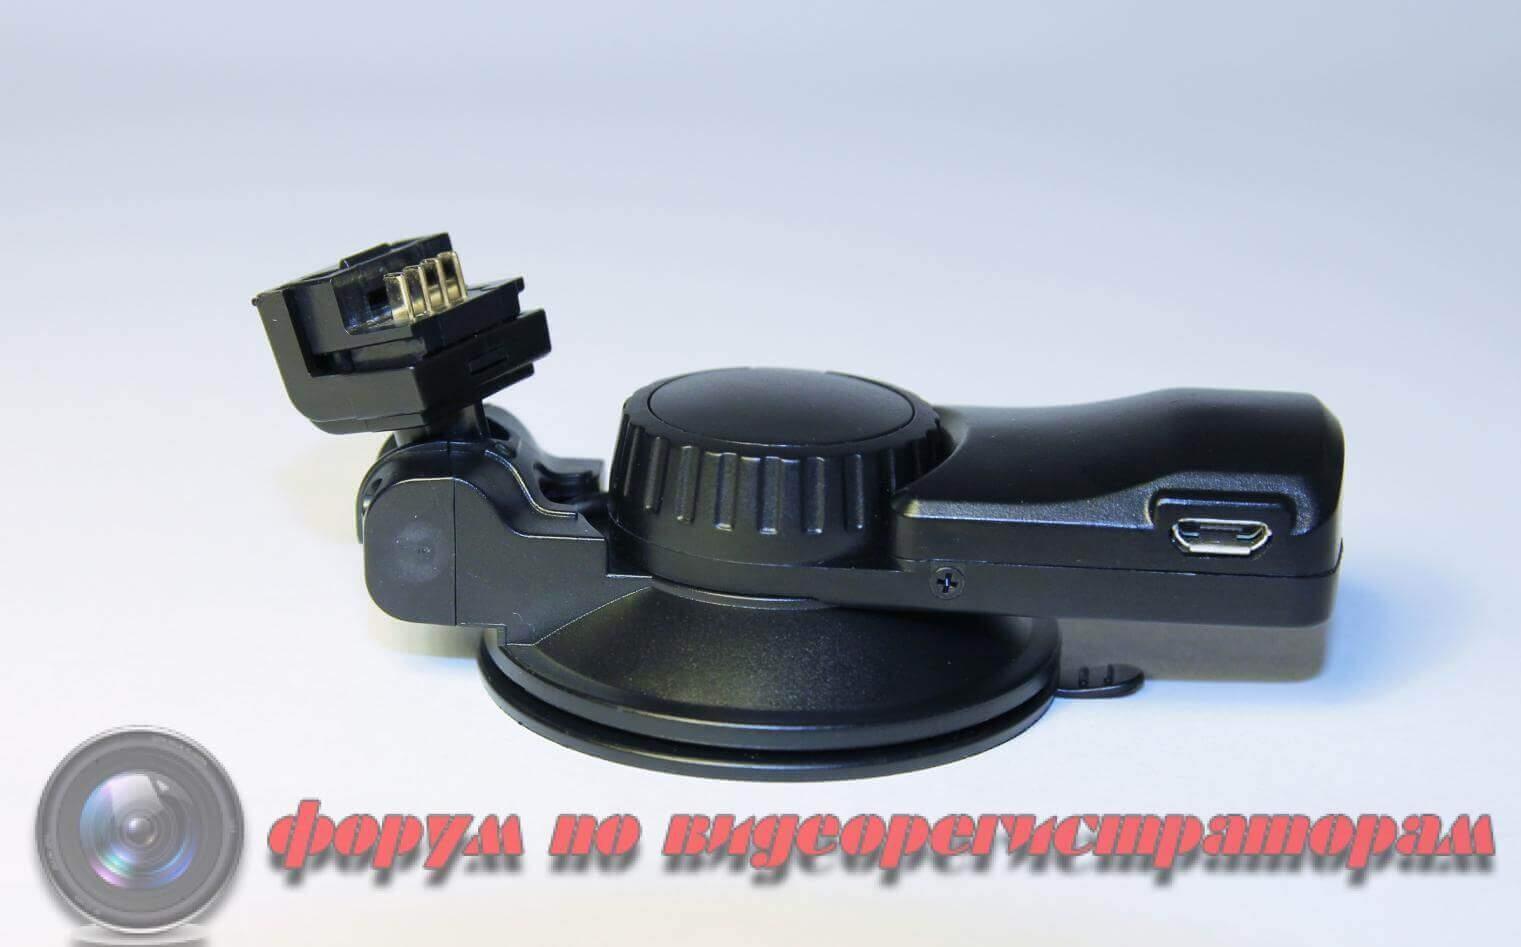 PlayMePTETRAкомпактныйкомбайнввидефотоаппарата.